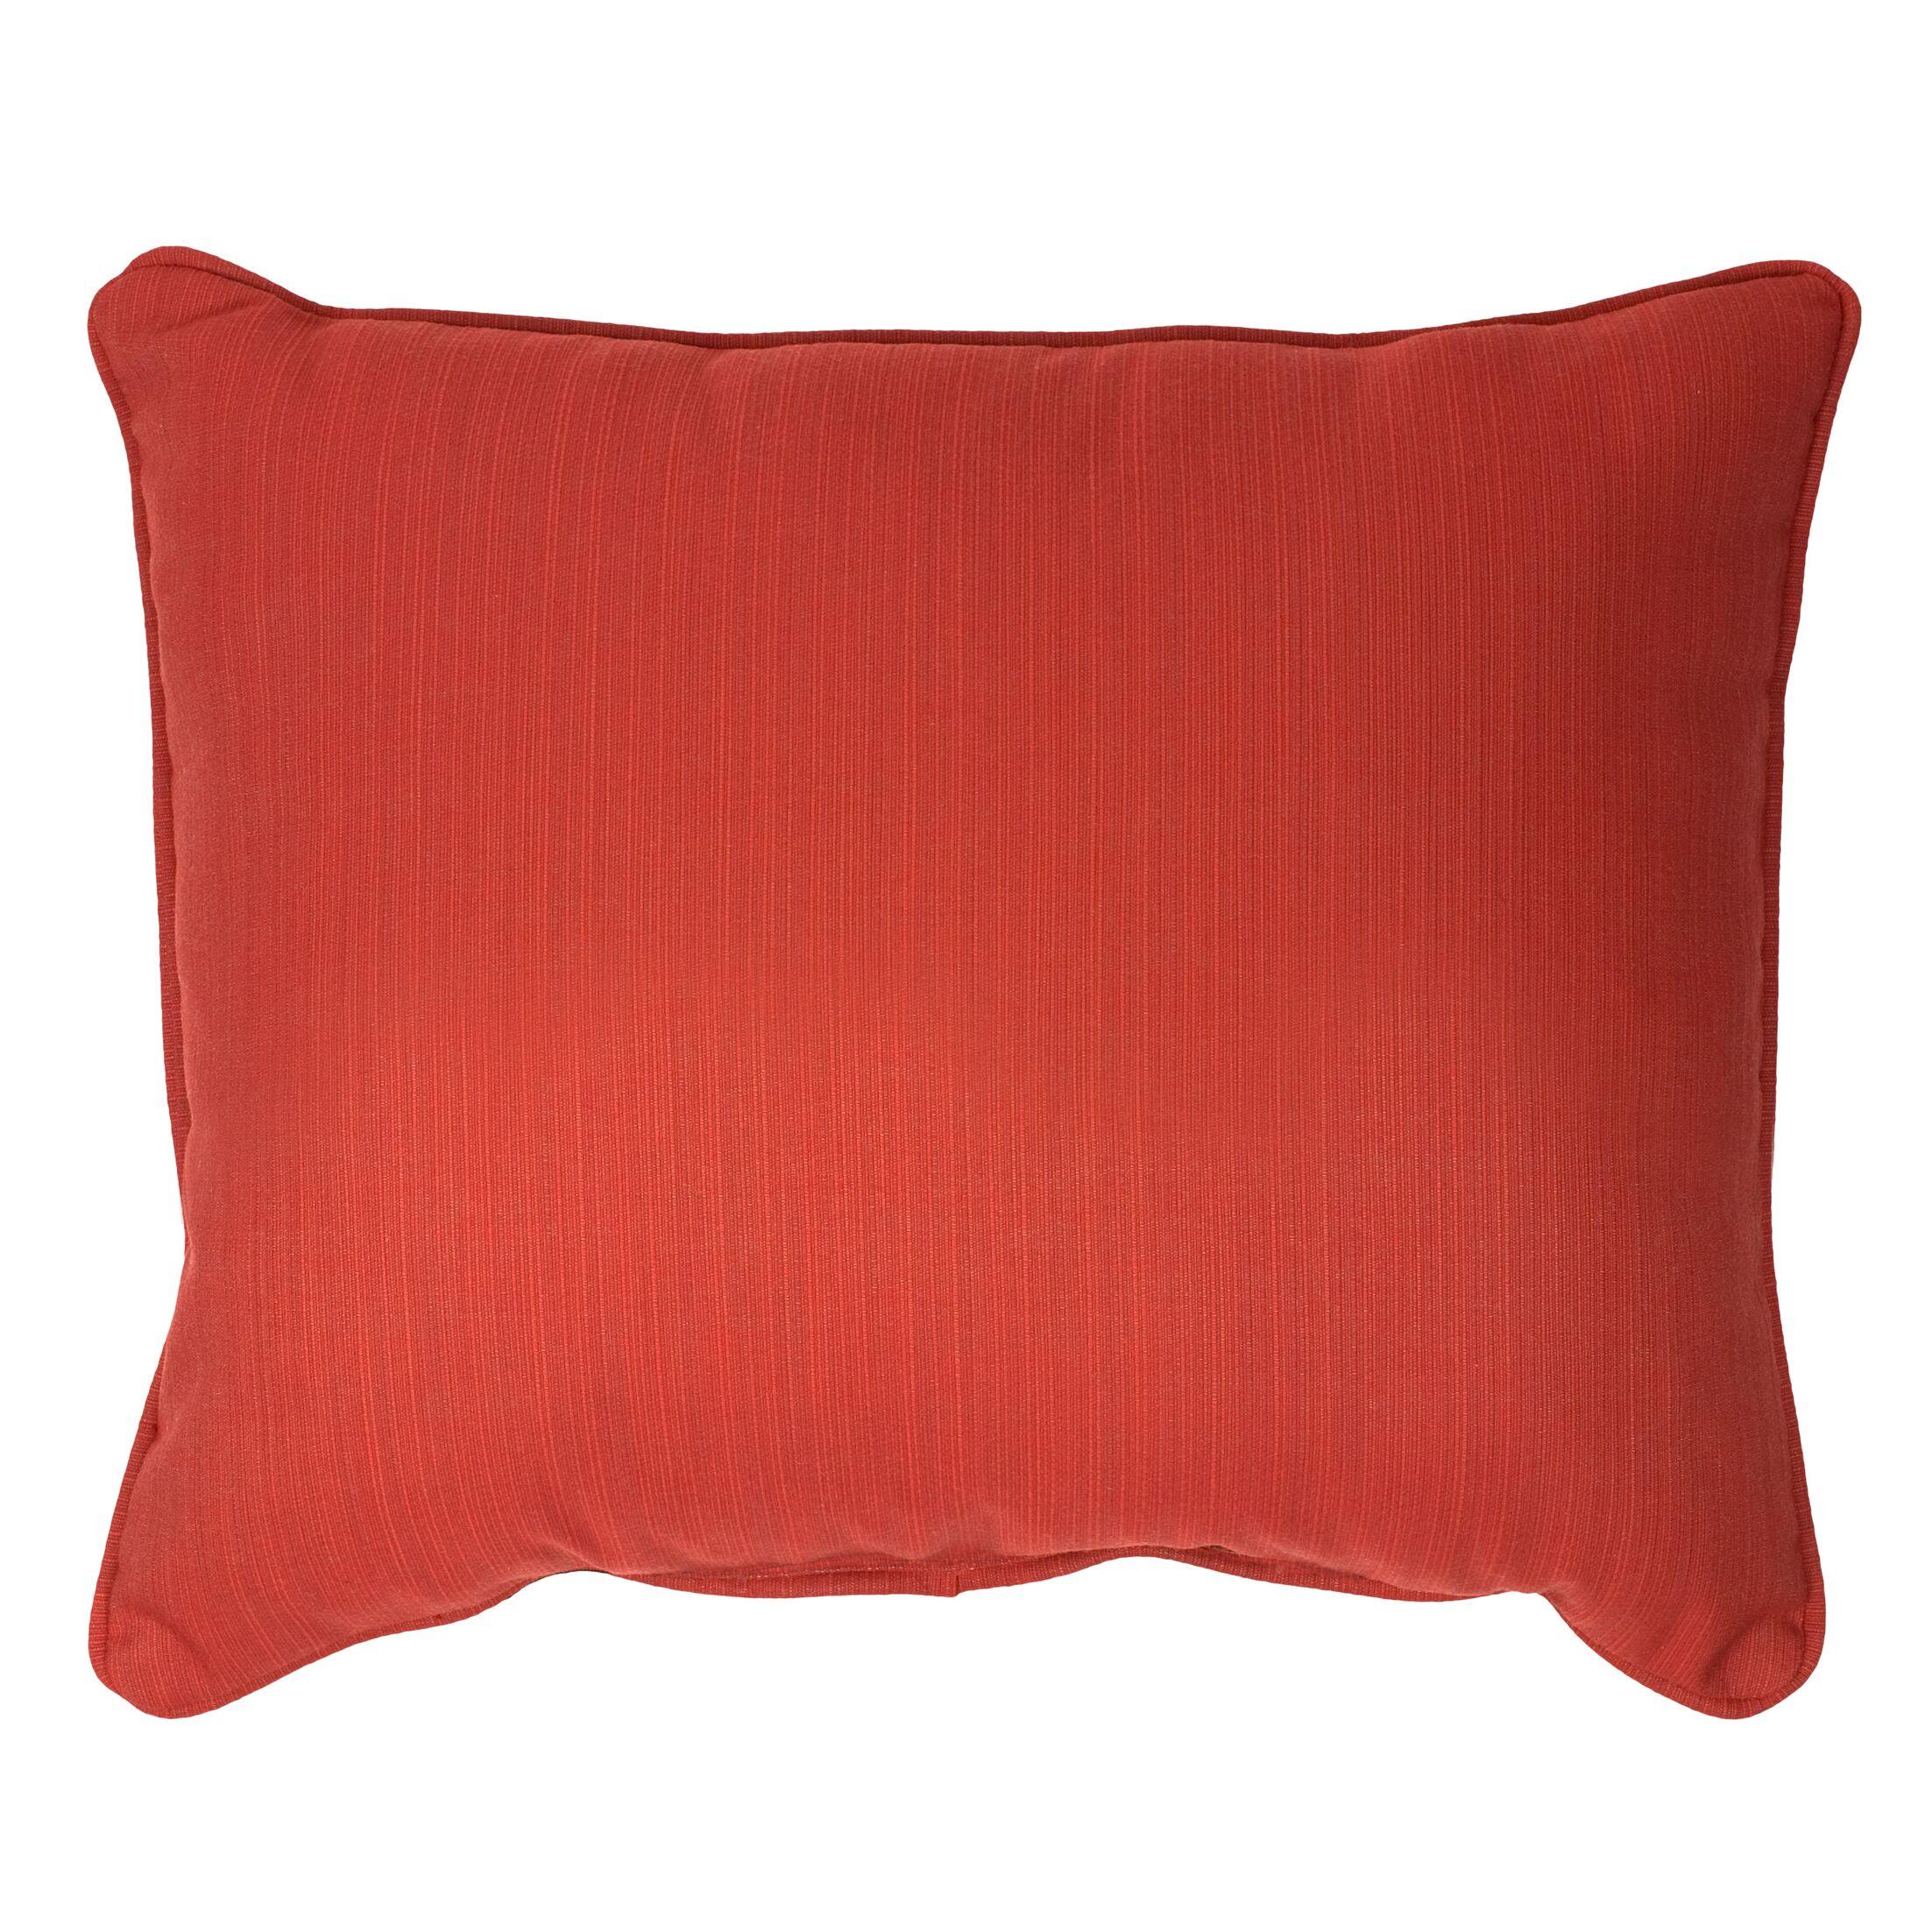 Outdoor Sunbrella Lumbar Pillow Size: 13